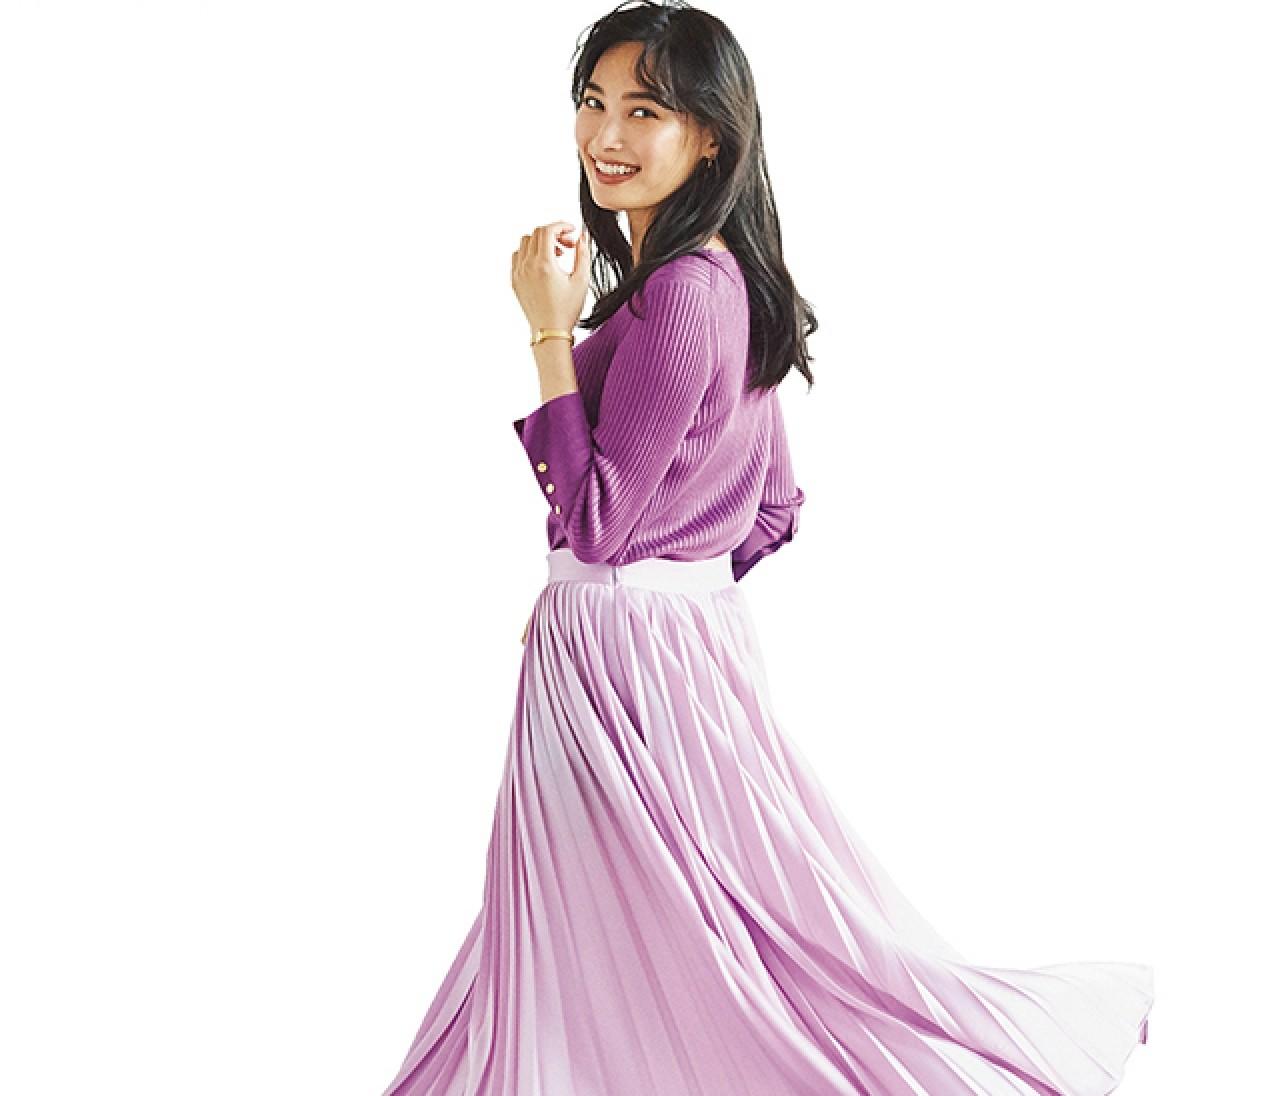 女らしさひらり☆【進化系プリーツスカート】4選&コーデ(#秋のおしゃれToDoリスト30)